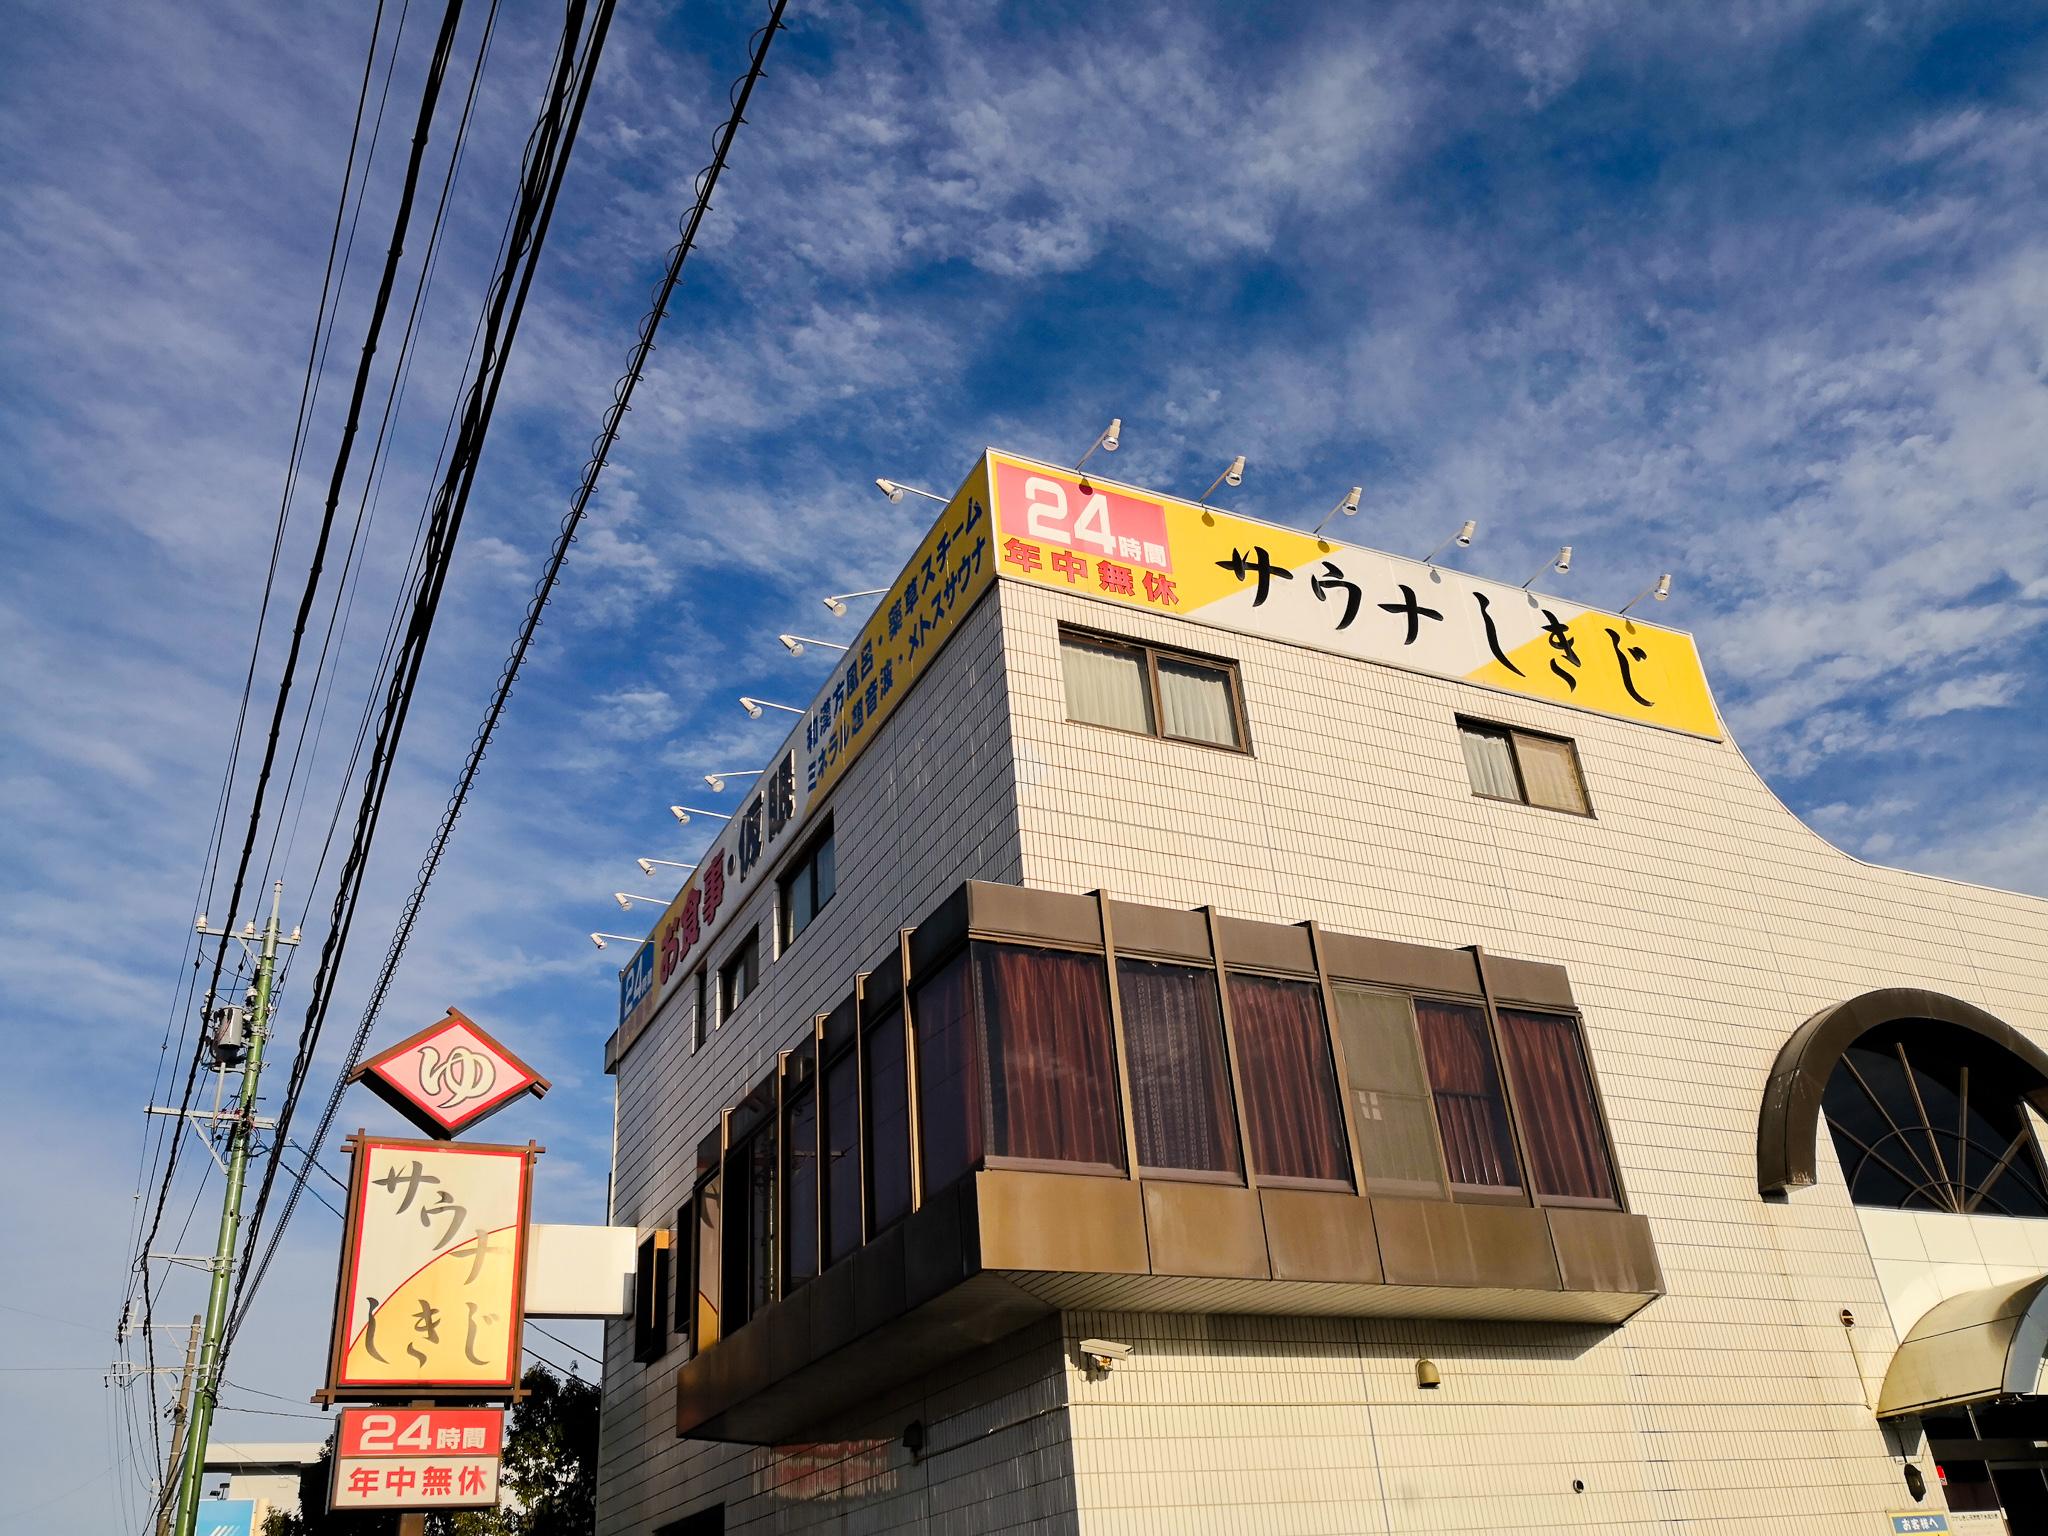 【口コミ】究極の水風呂を求めて、サウナしきじに行ってきた話@静岡県静岡市